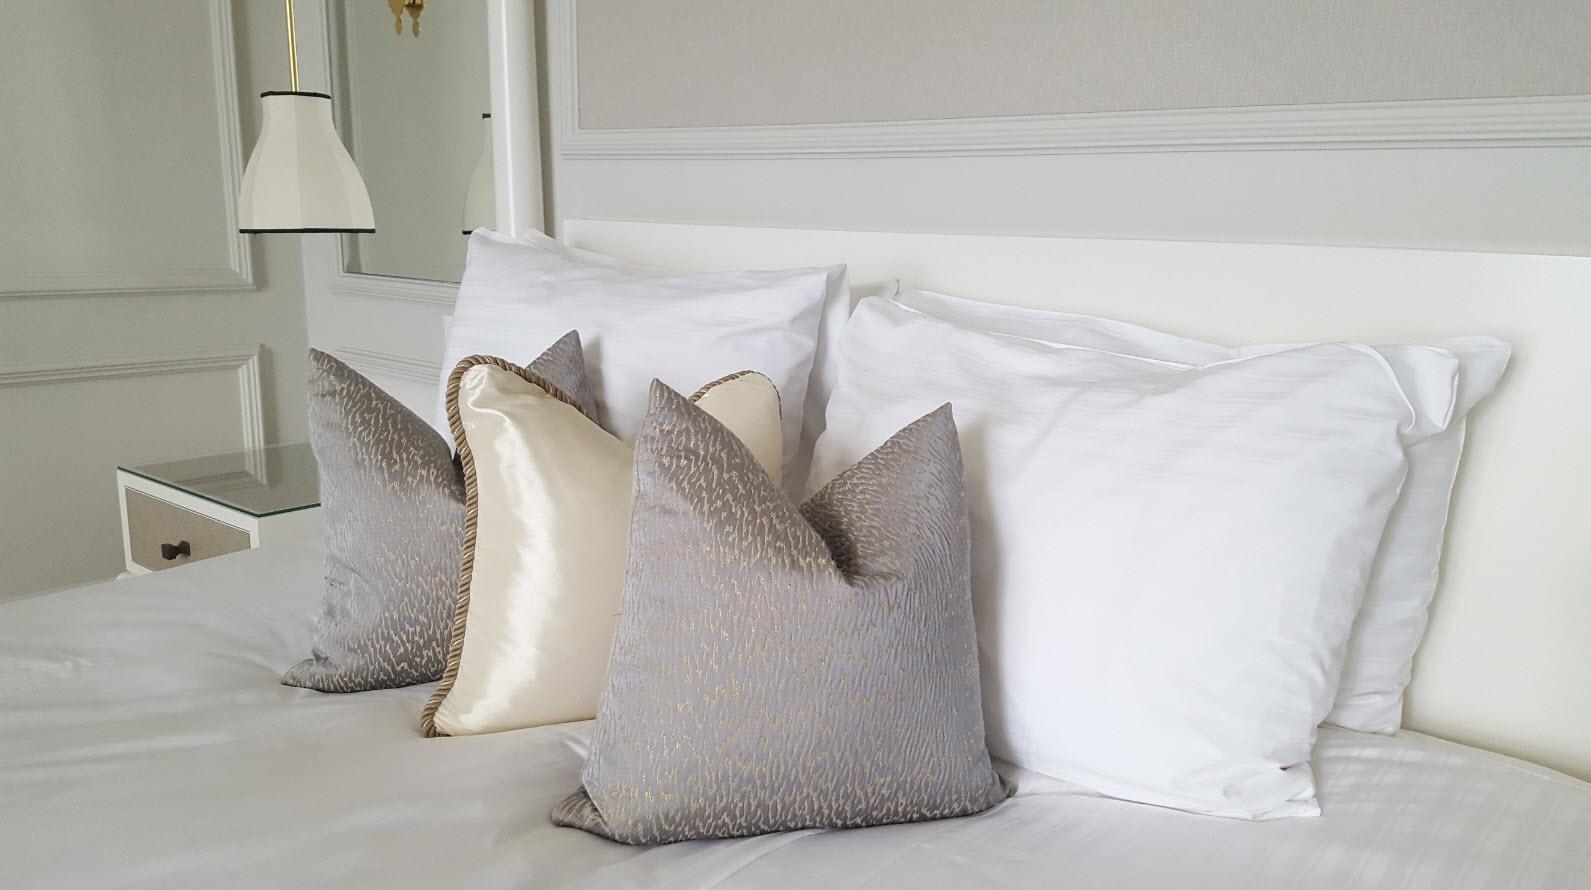 Coussins sur le lit